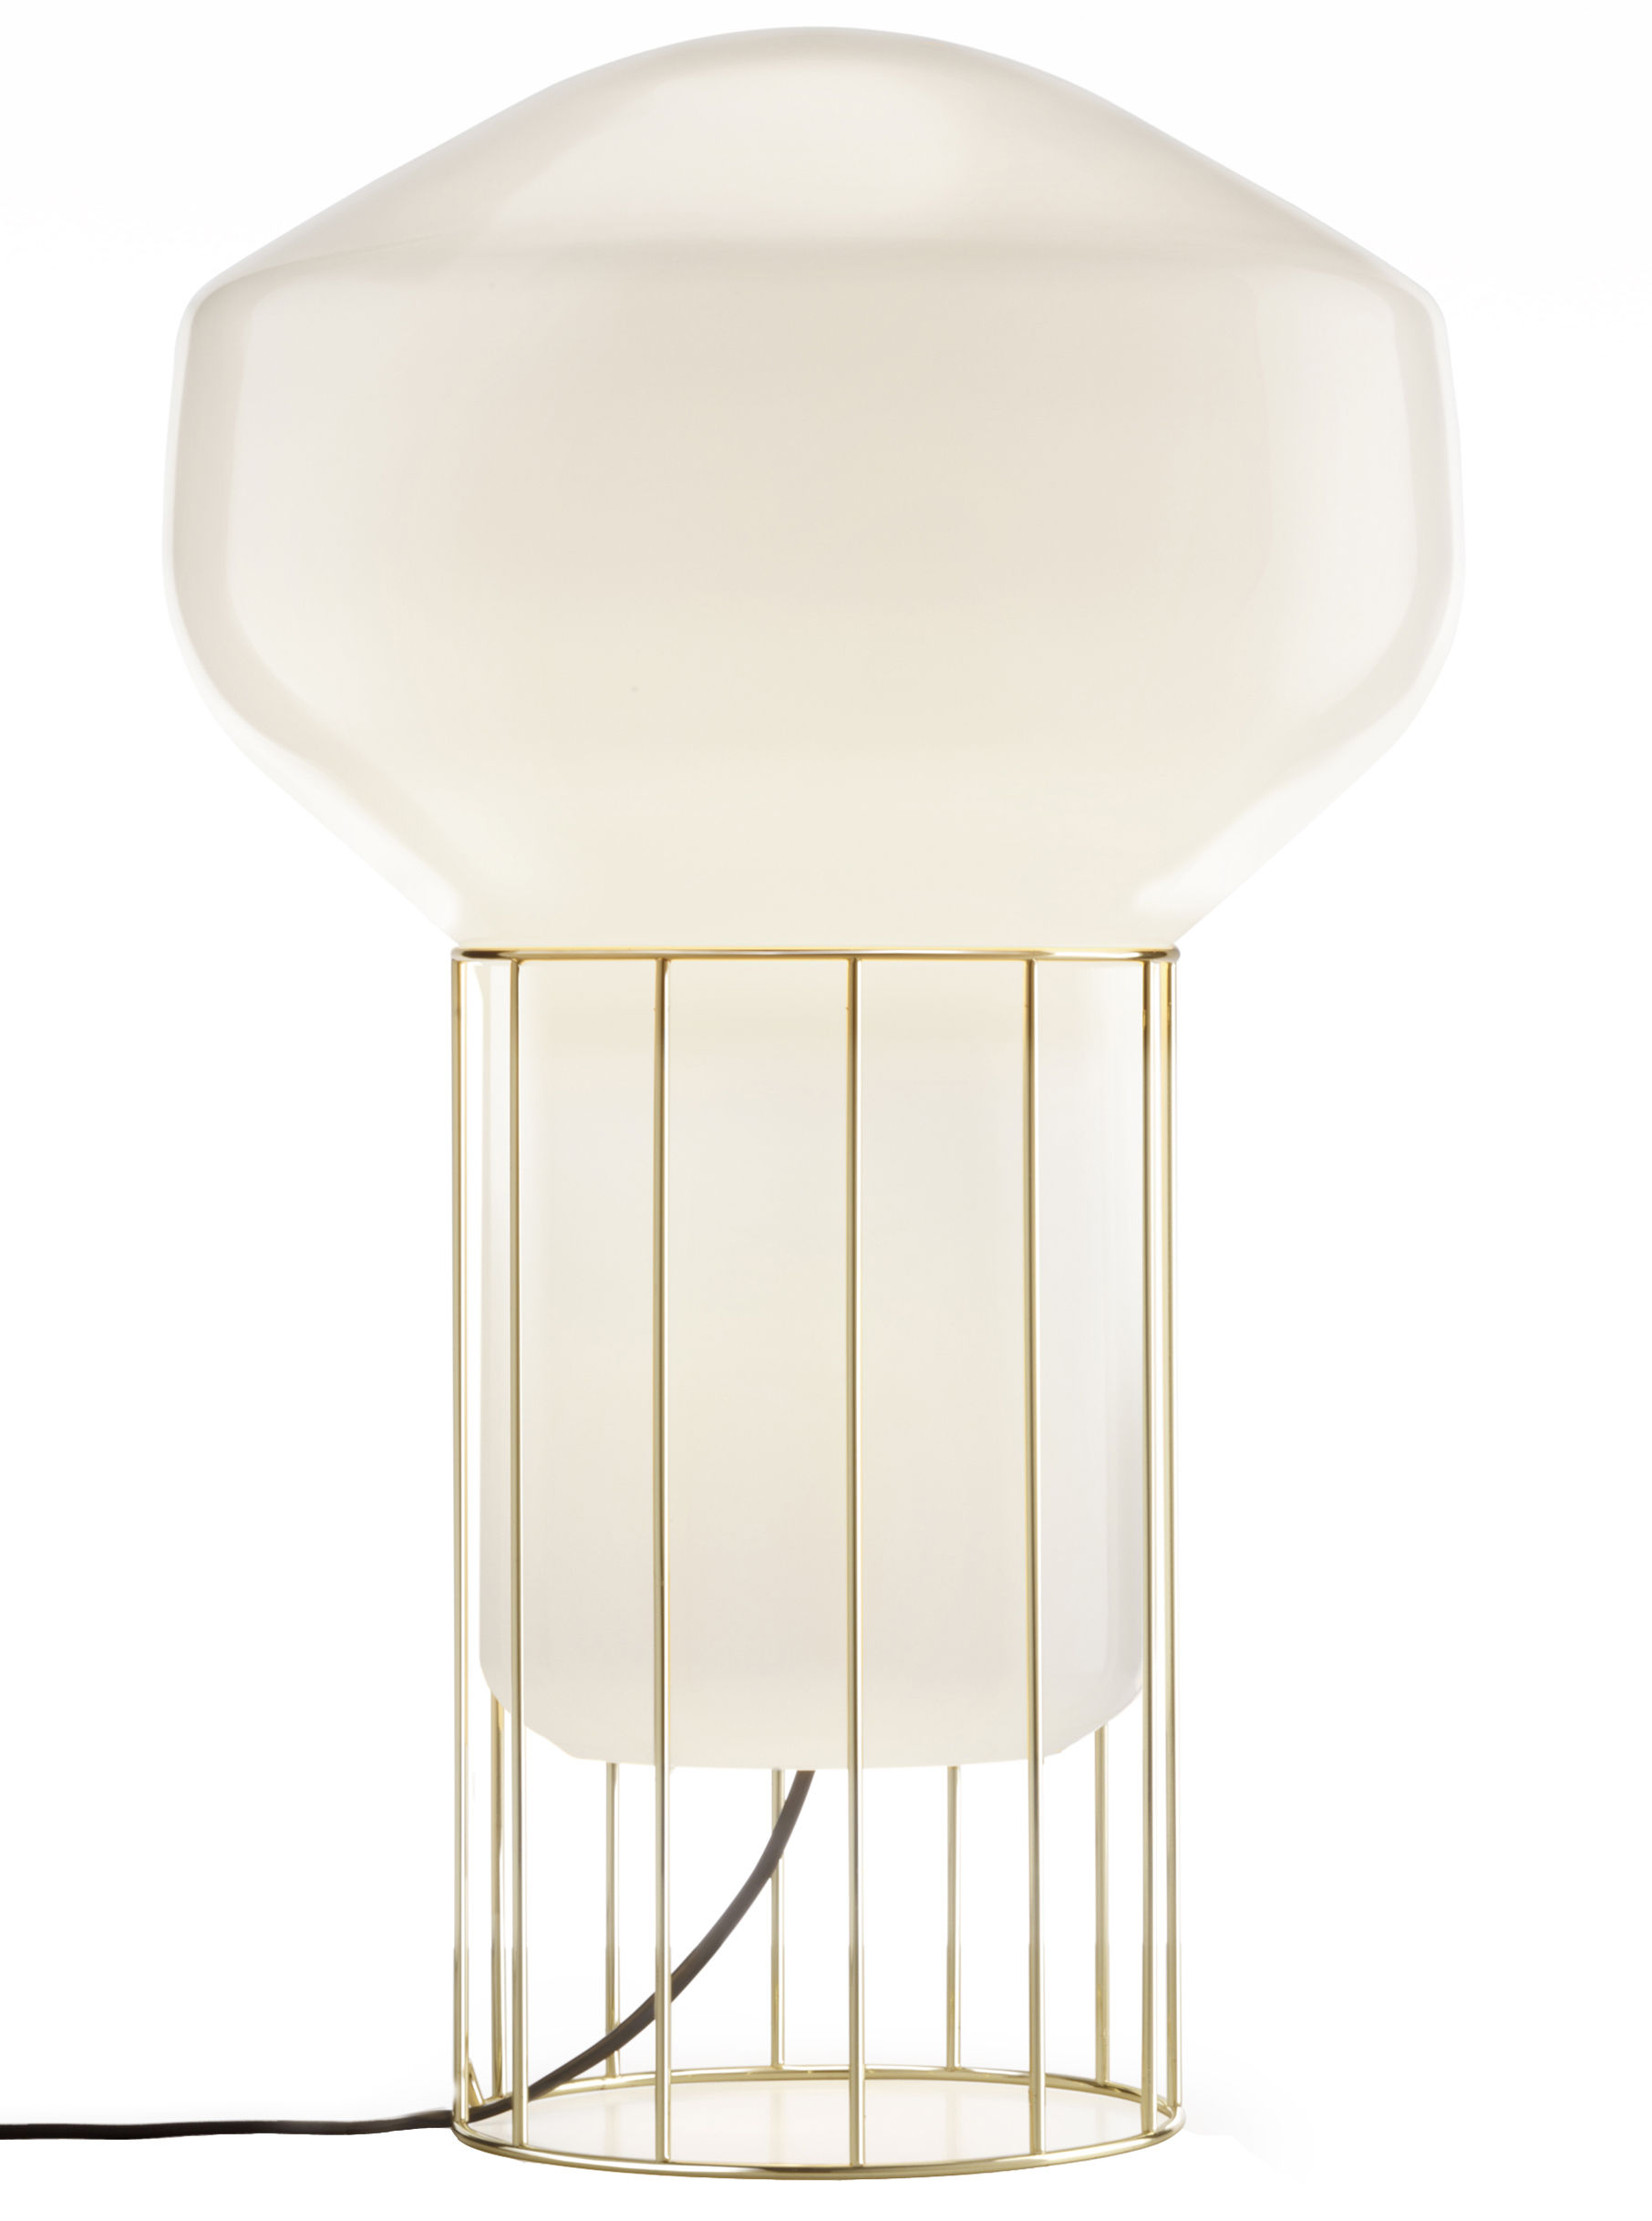 Luminaire - Lampes de sol - Lampe Aérostat Media / H 53 cm - Fabbian - Structure laiton / Diffuseur blanc - Métal plaqué laiton, Verre soufflé opalin